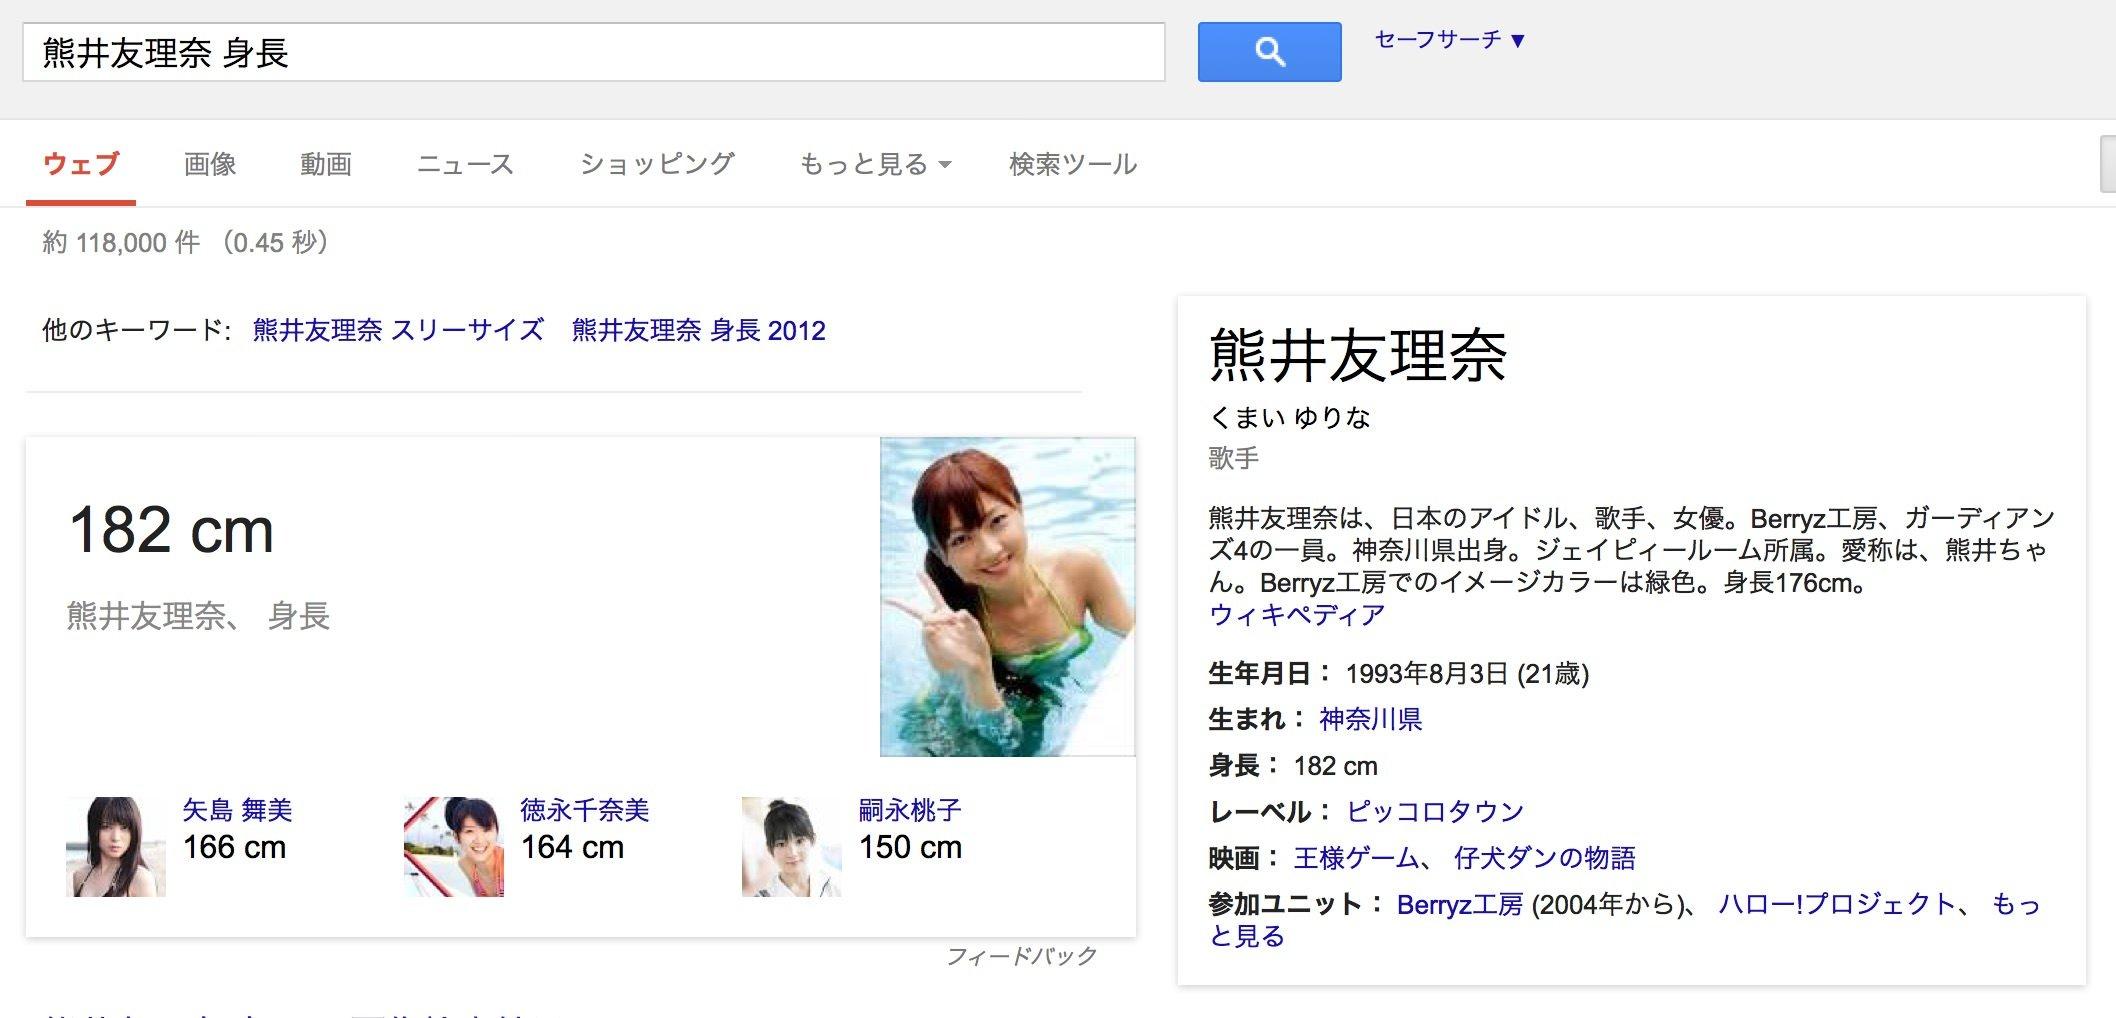 実際にGoogleで「熊井友理奈 身長」と検索すると182cmと答えてくれます